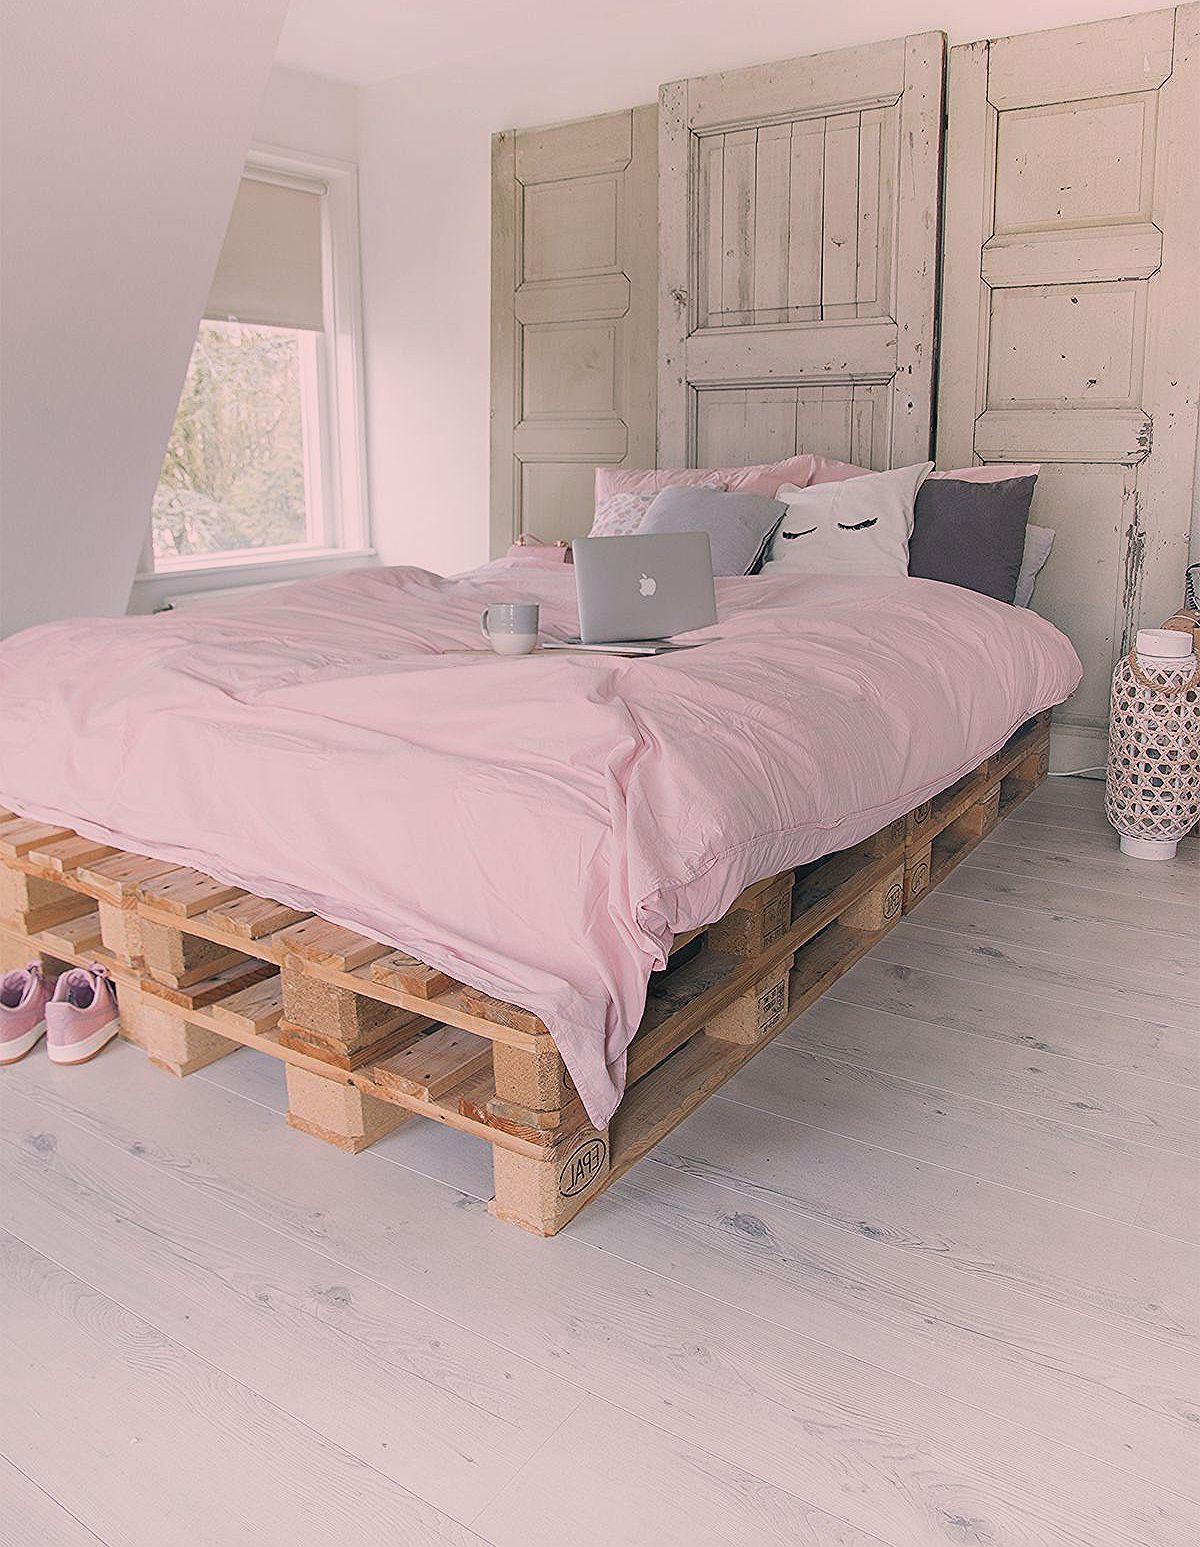 Bedroom Pallet Bedroom inpsiration  bed op pallets en oude paneeldeuren als hoofdbord